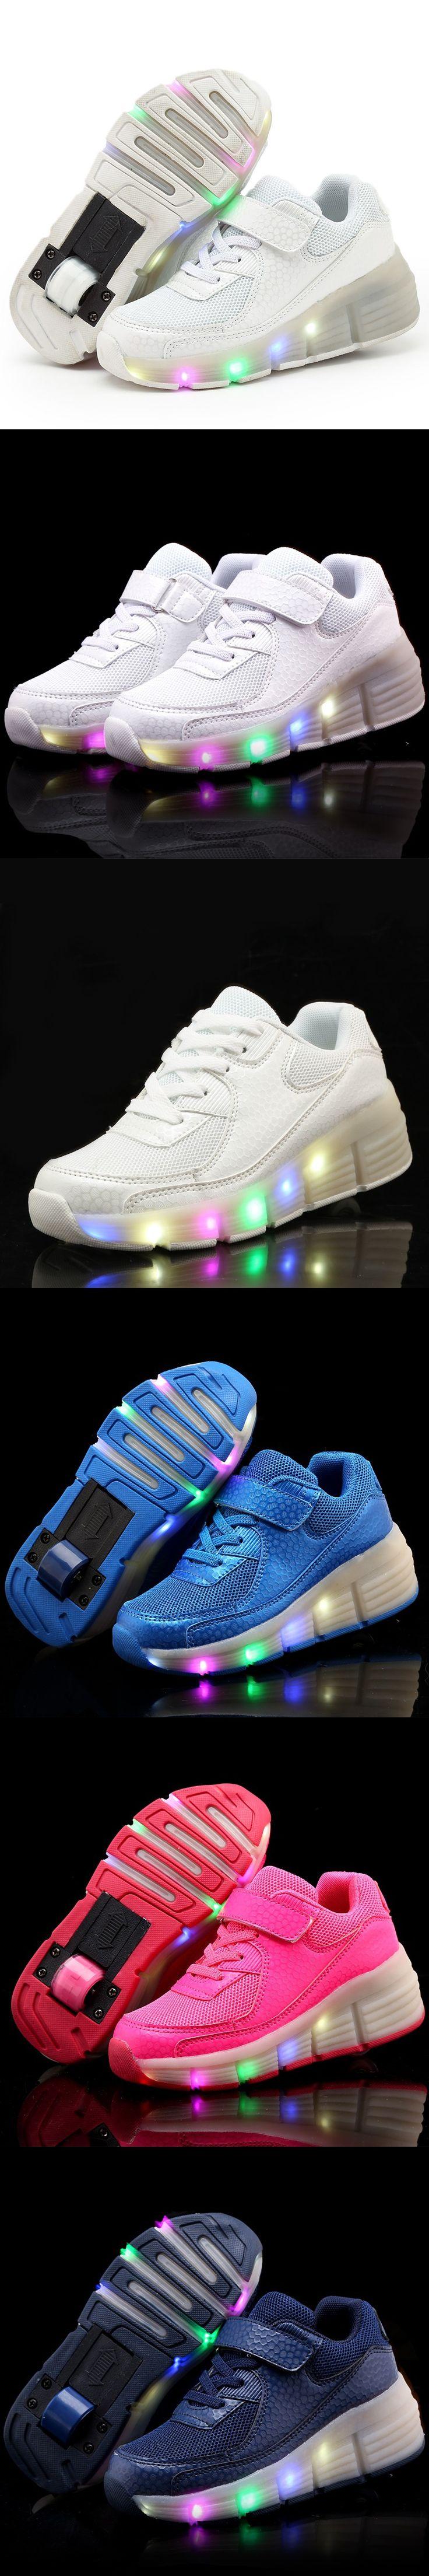 Roller skate shoes in sydney - New Child Wheelys Jazzy Led Light Heelys Roller Skate Shoes For Children Kid Junior Boys Girls